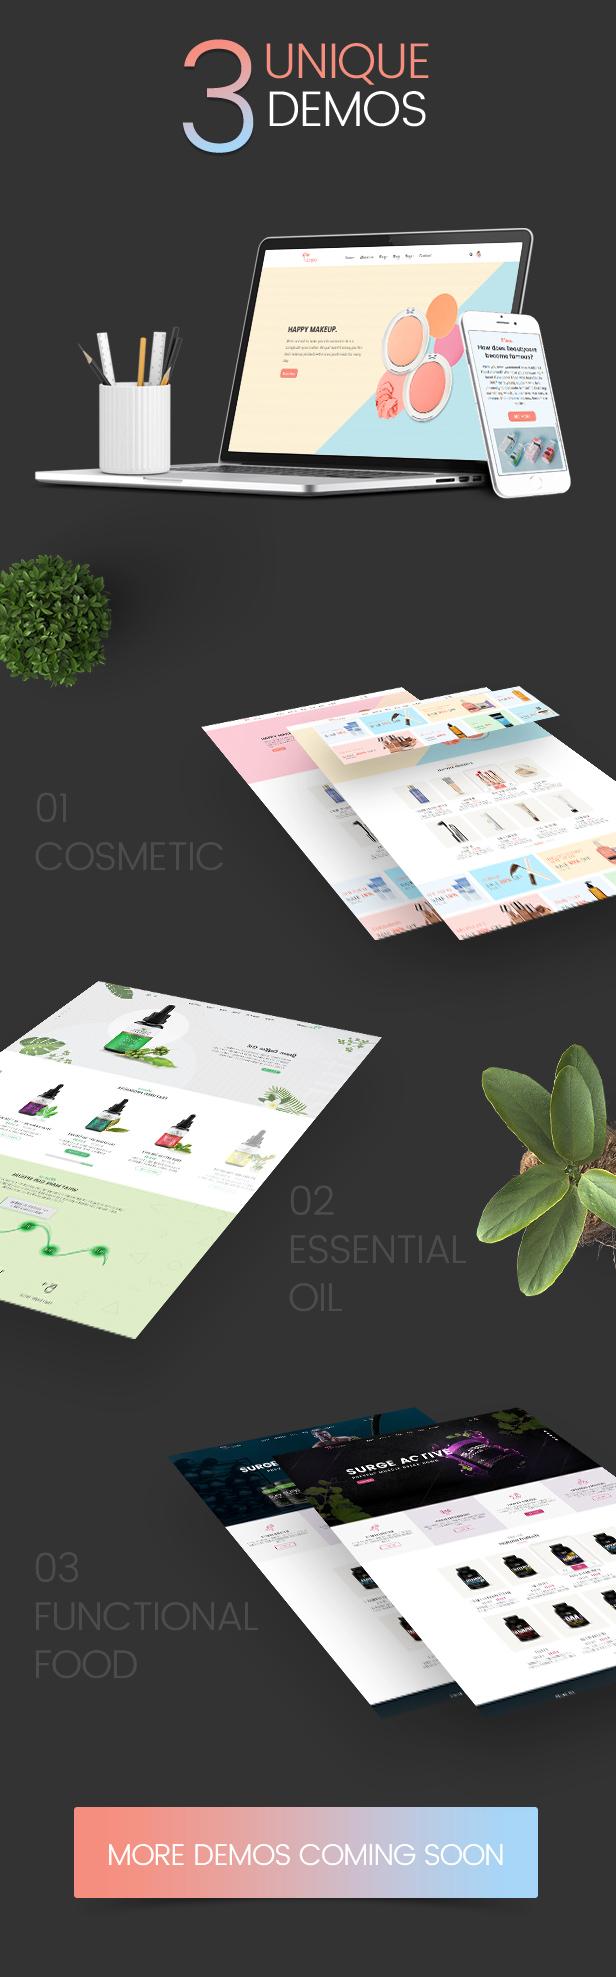 Cleopa - Health & Beauty WooCommerce WordPress Theme - 8